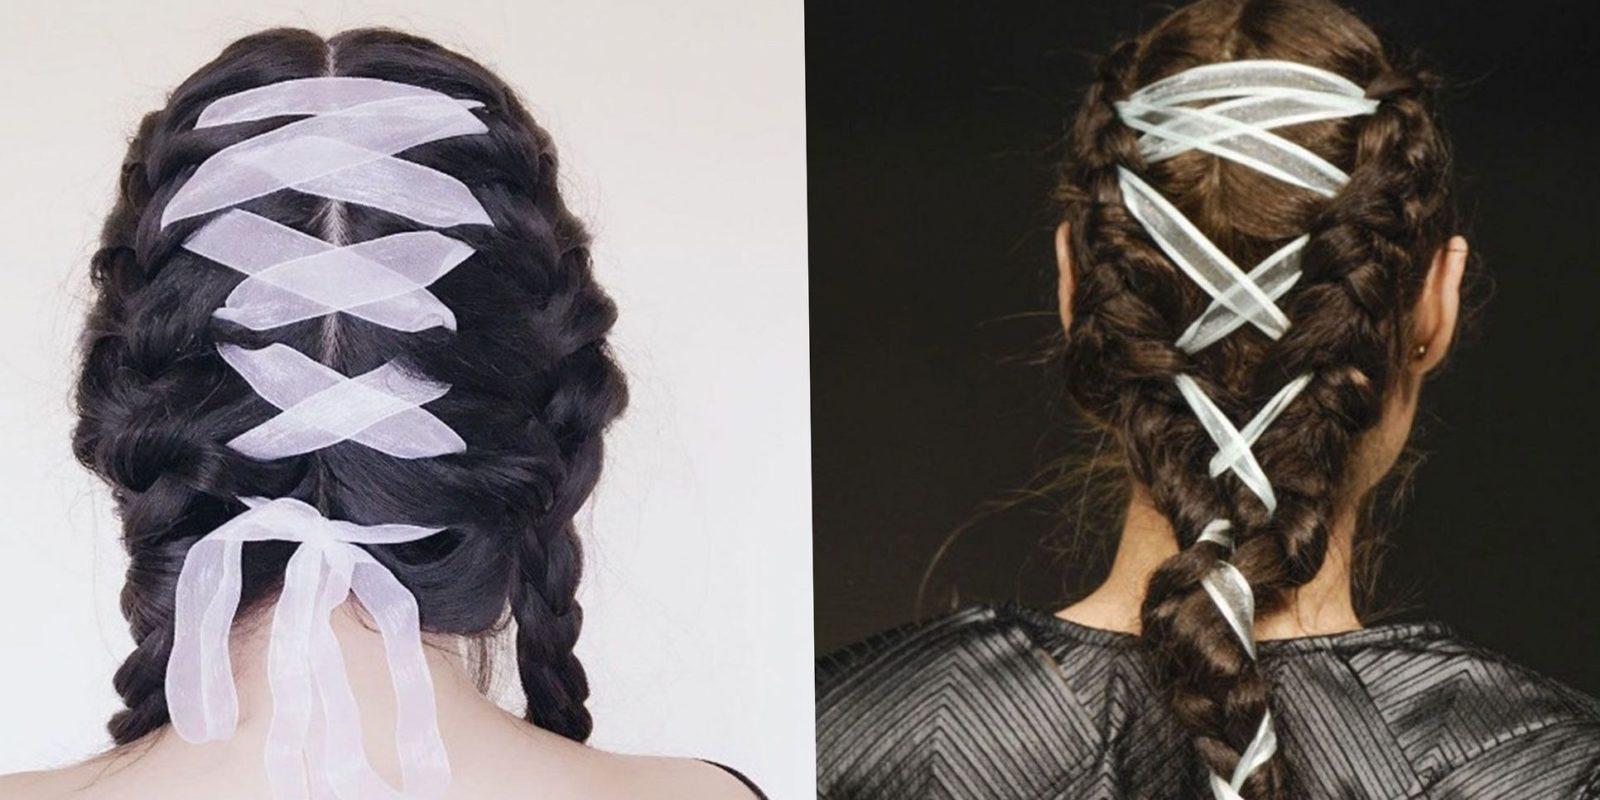 Тенденции моды, за которыми могут следовать только самые смелые! (фото) 6